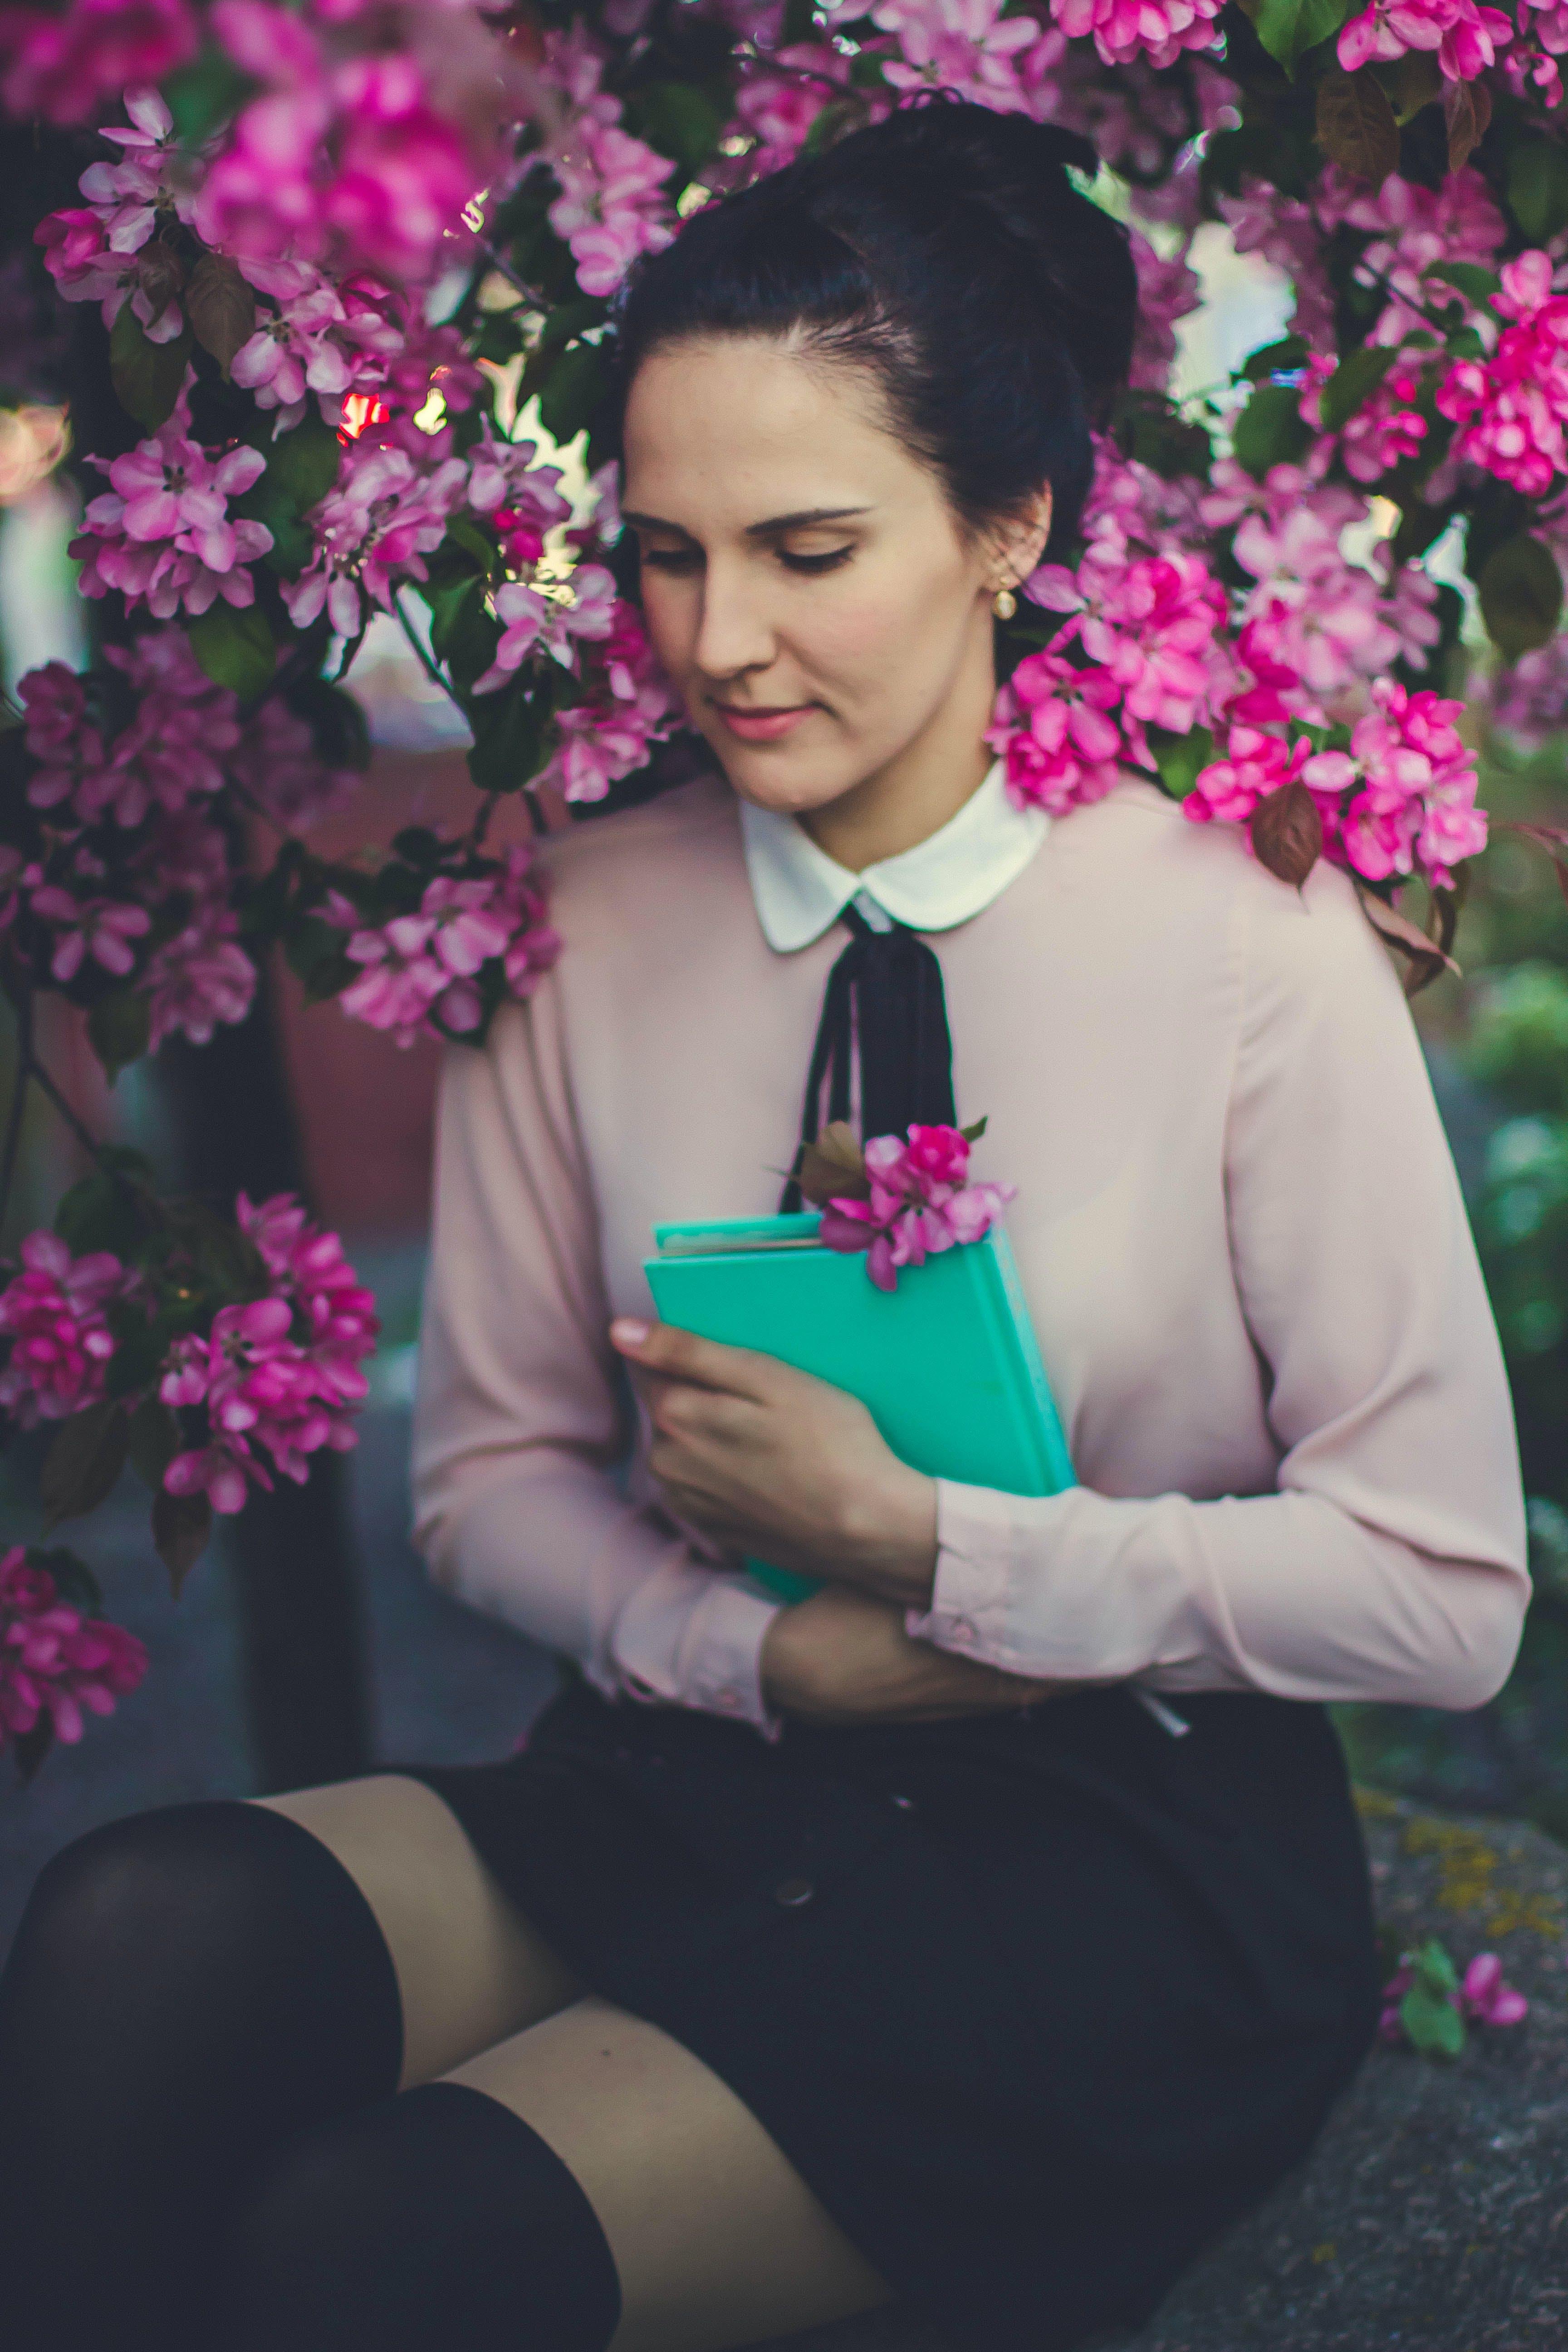 Woman Wearing Beige Long Sleeve Shirt Sitting Beside Purple Petaled Flower